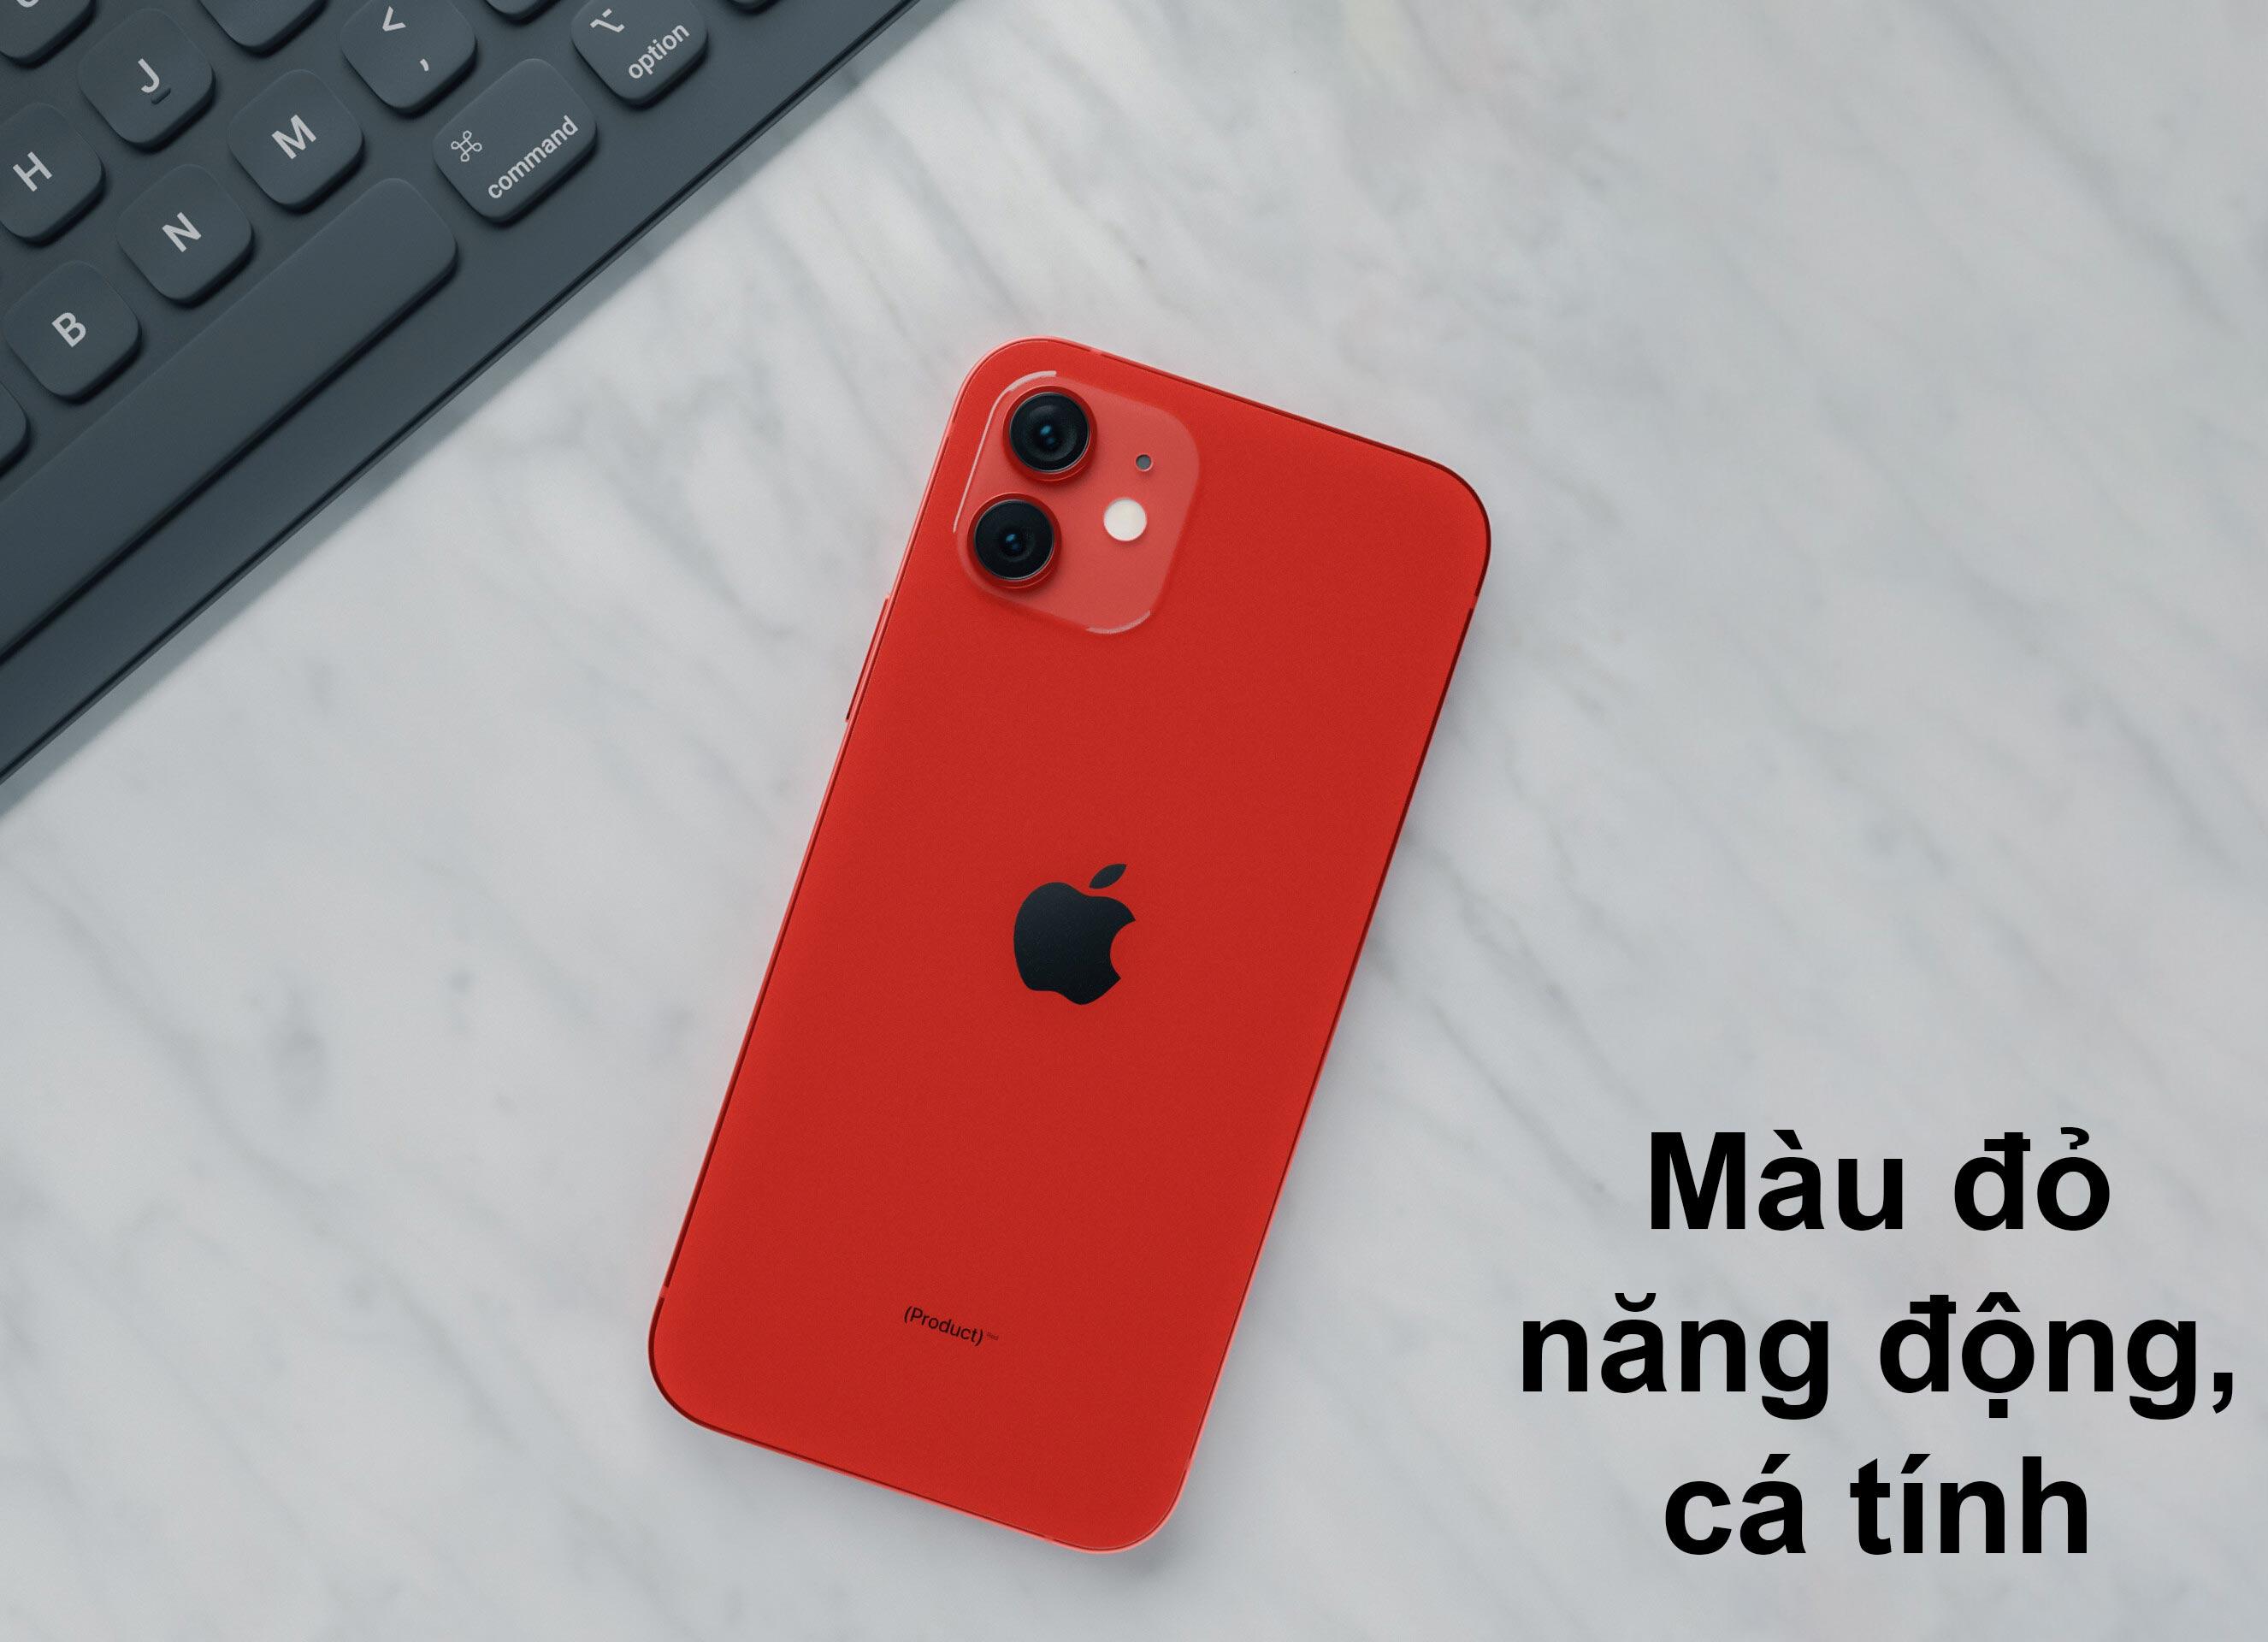 iPhone 12 Mini 64 GB | Màu Dỏ năng động, cá tính